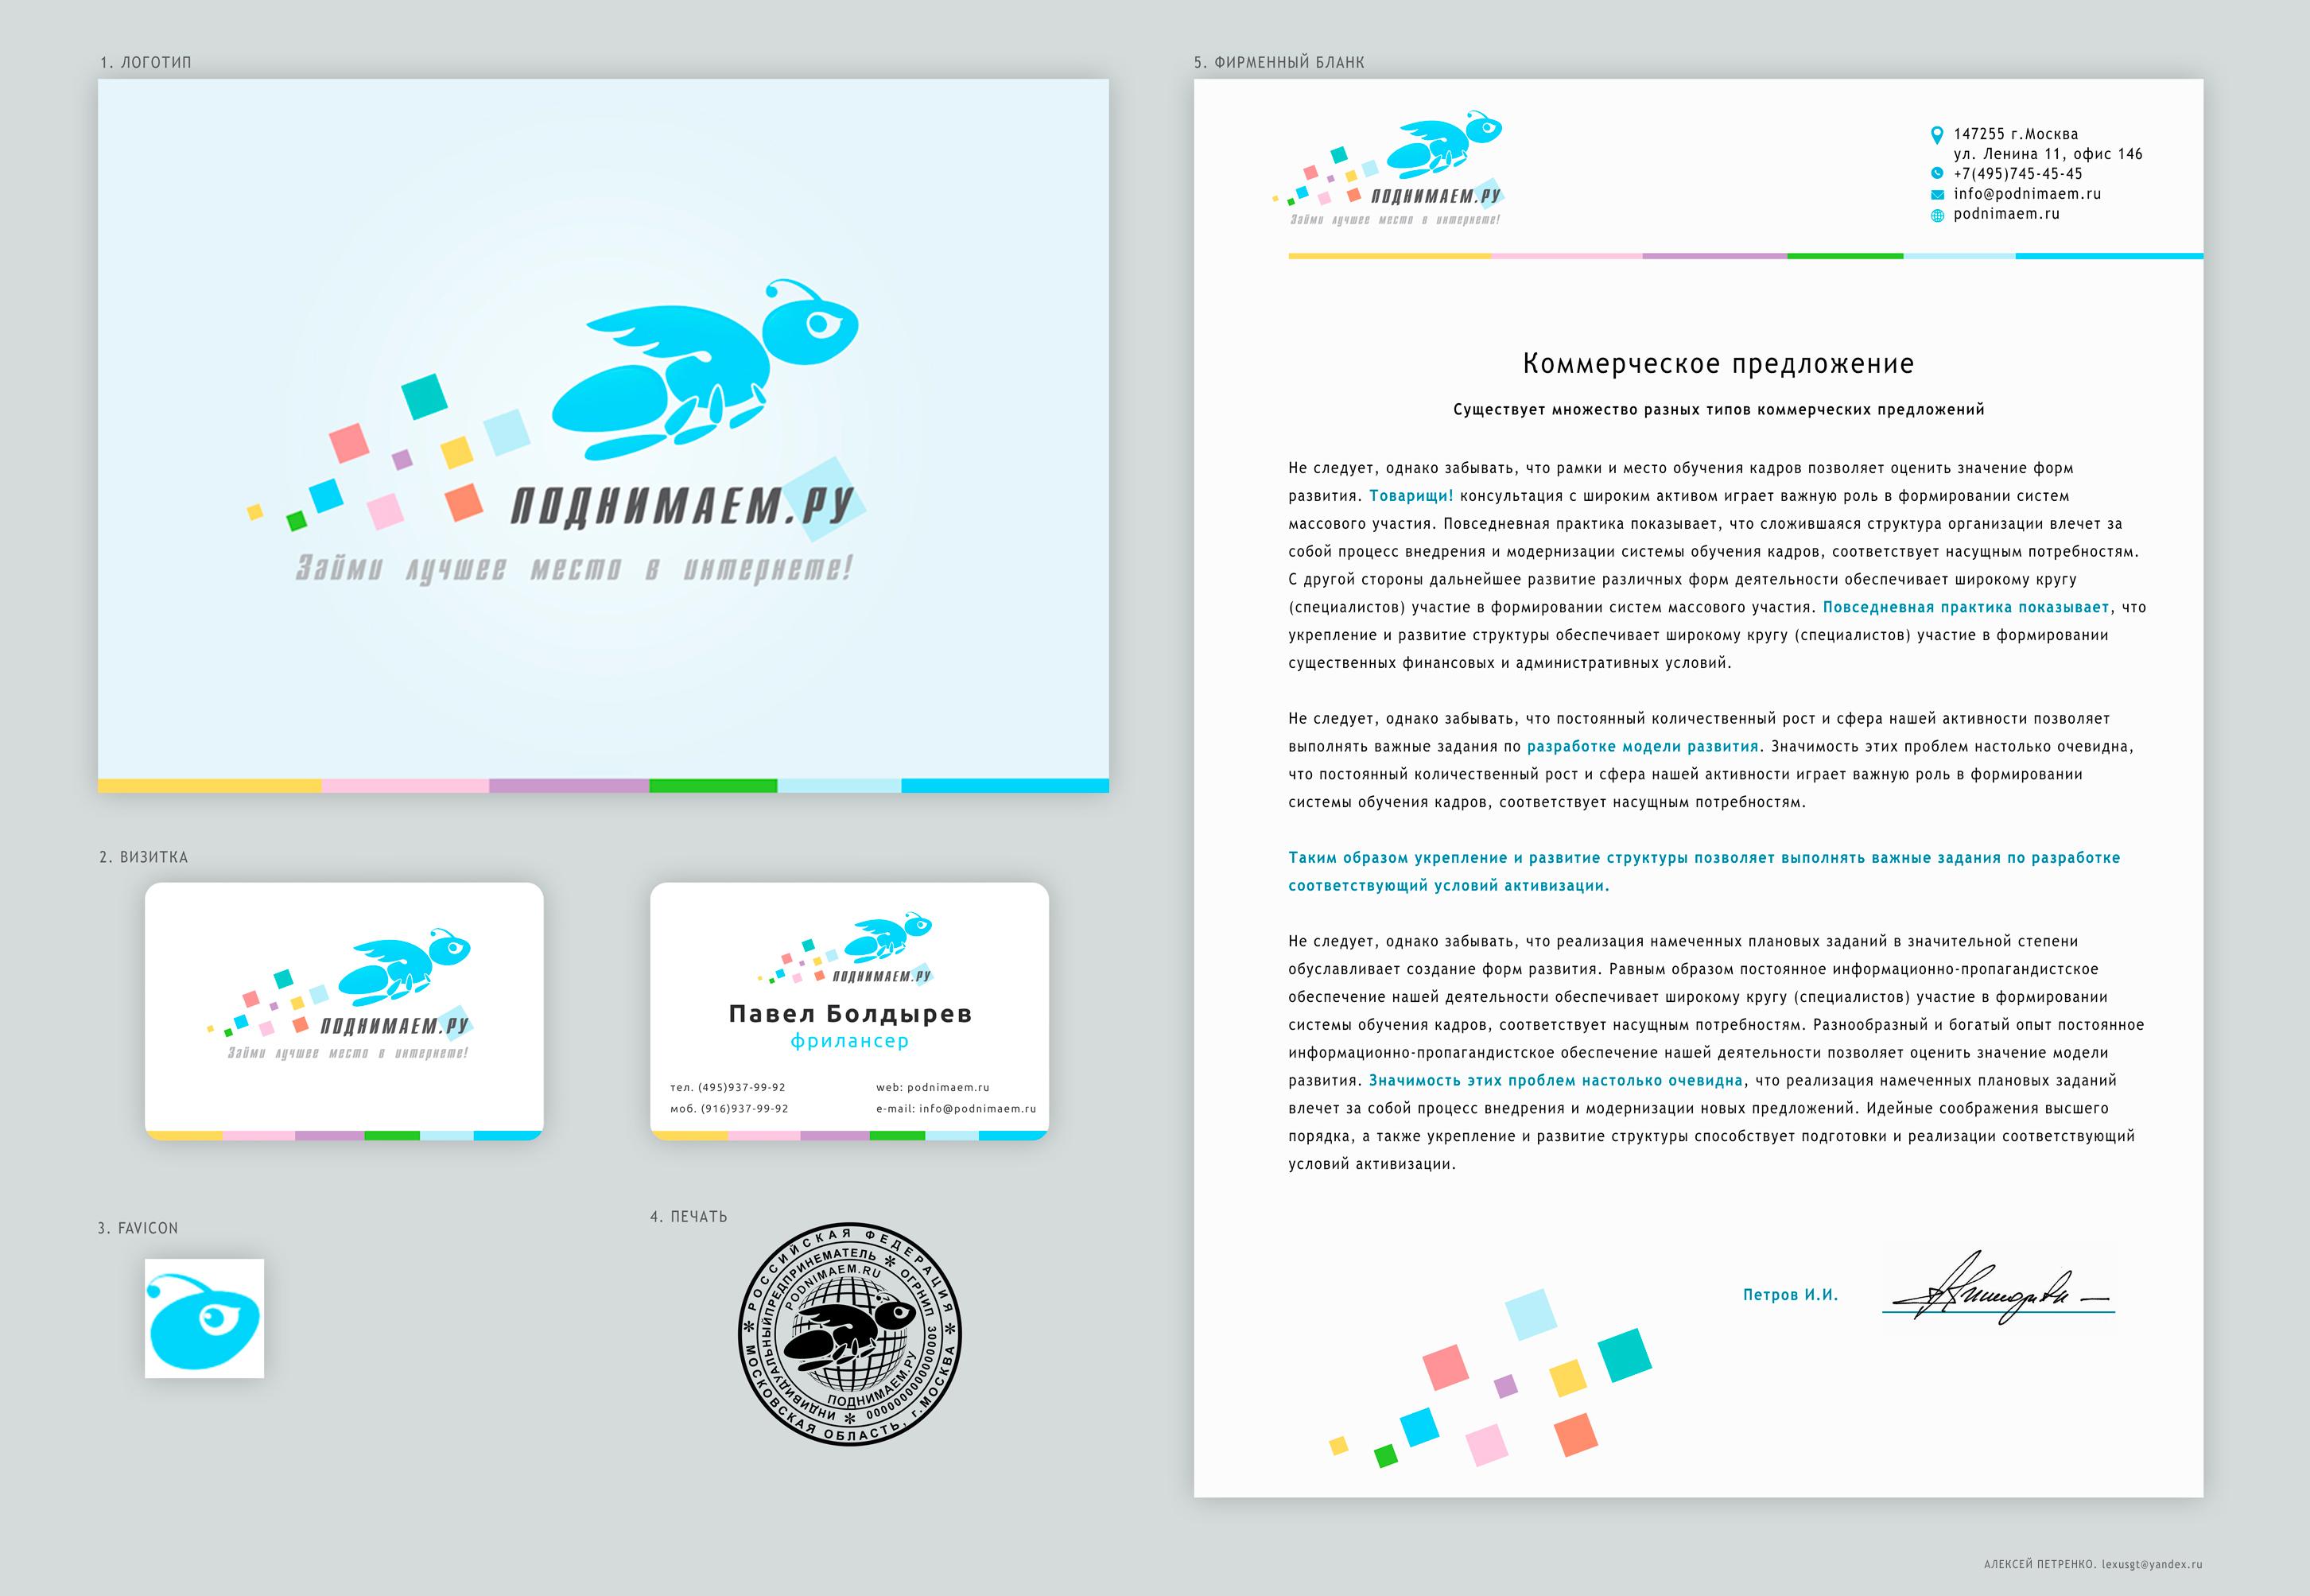 Разработать логотип + визитку + логотип для печати ООО +++ фото f_484554b7a6b63bed.jpg